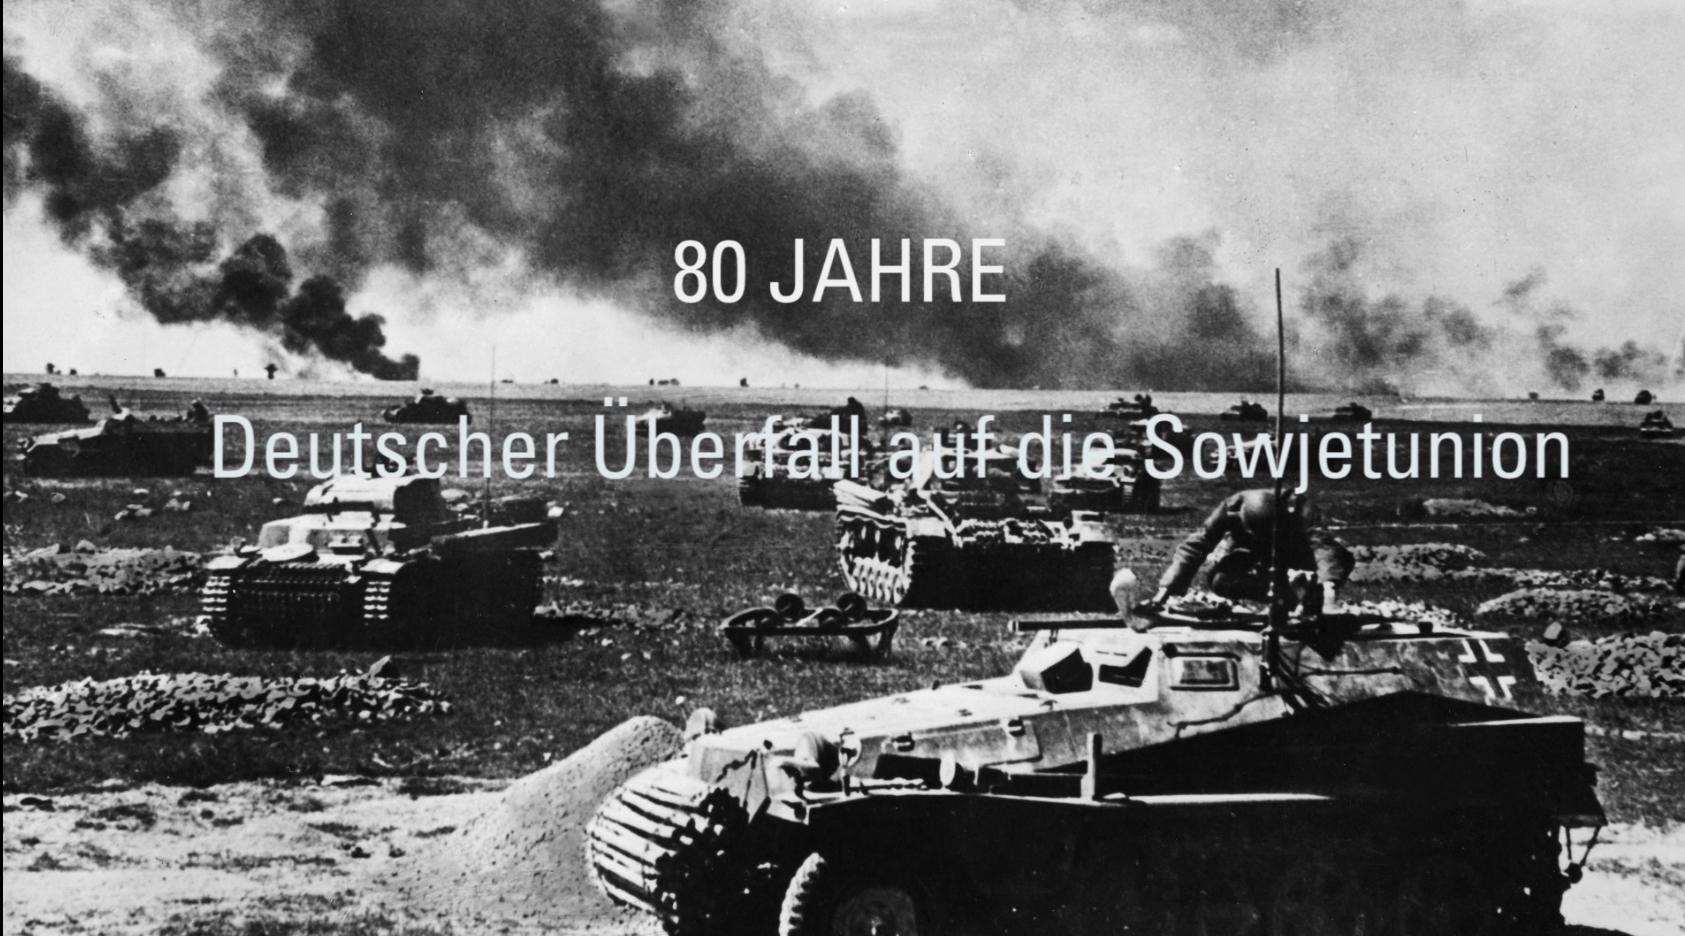 80 Jahre – Deutscher Überfall auf die Sowjetunion